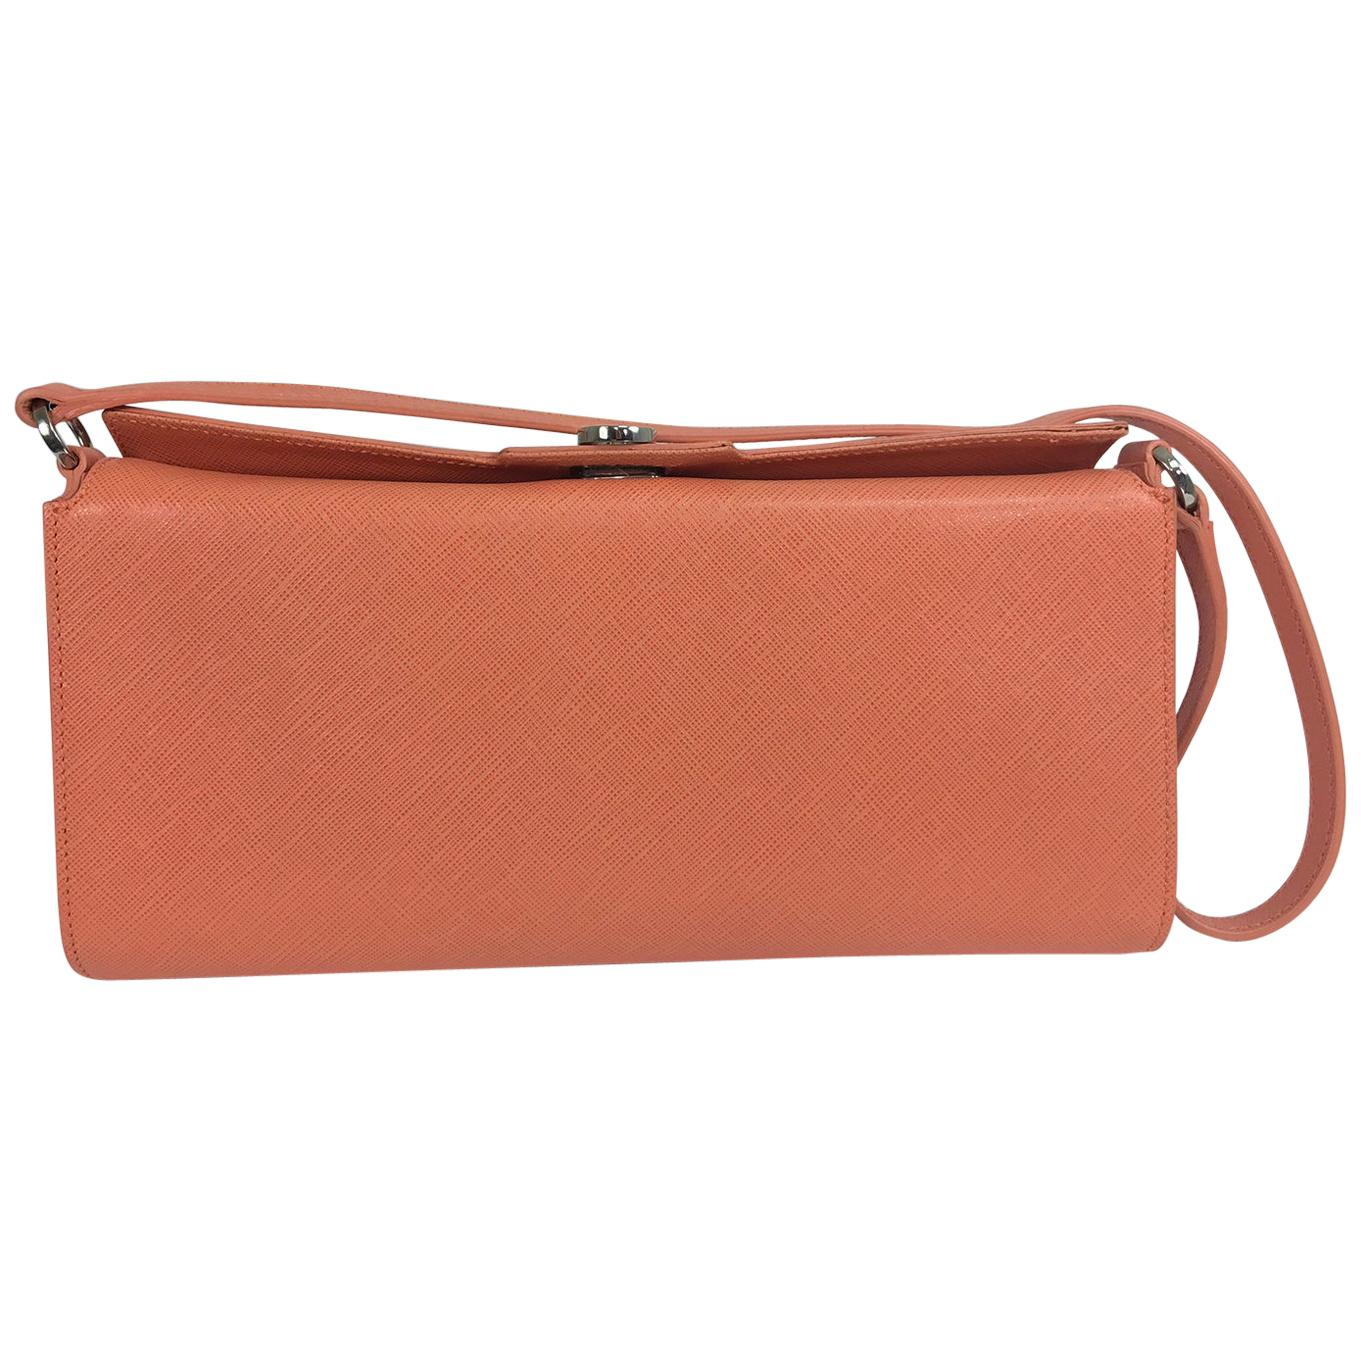 Salvatore Ferragamo Coral Saffiano Leather Silver Hardware Baguette Handbag